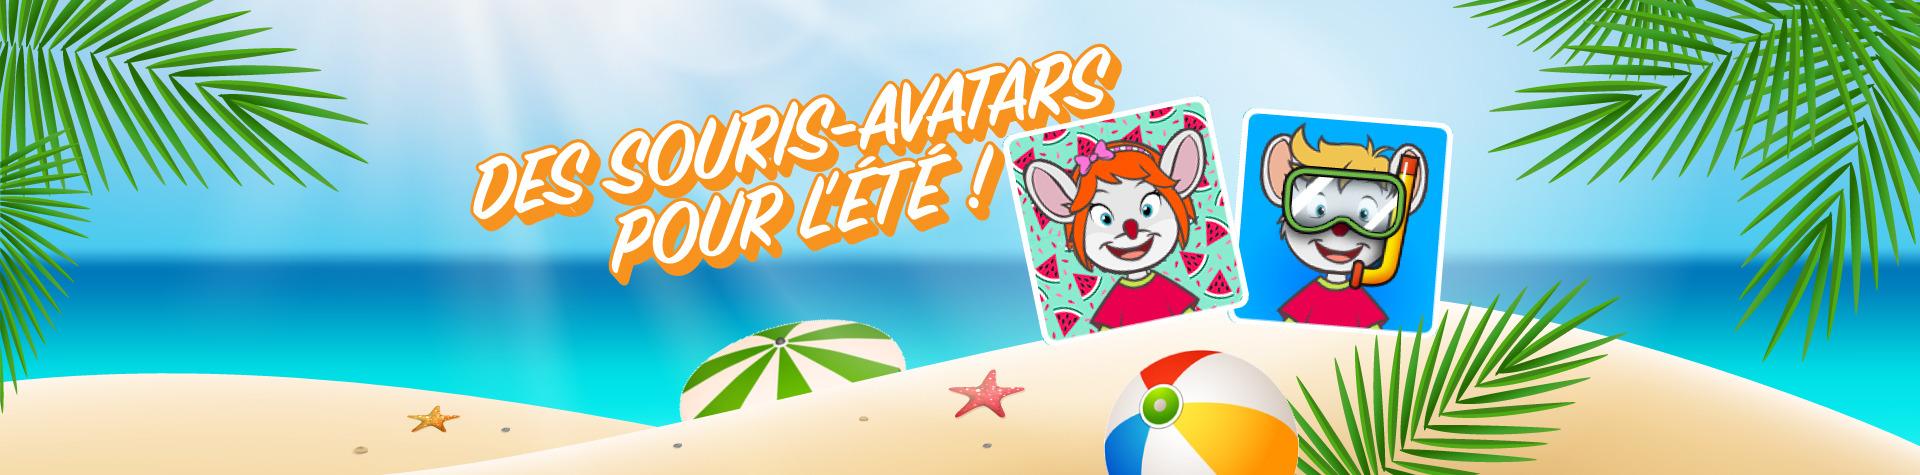 Des souris-avatar pour l'été !